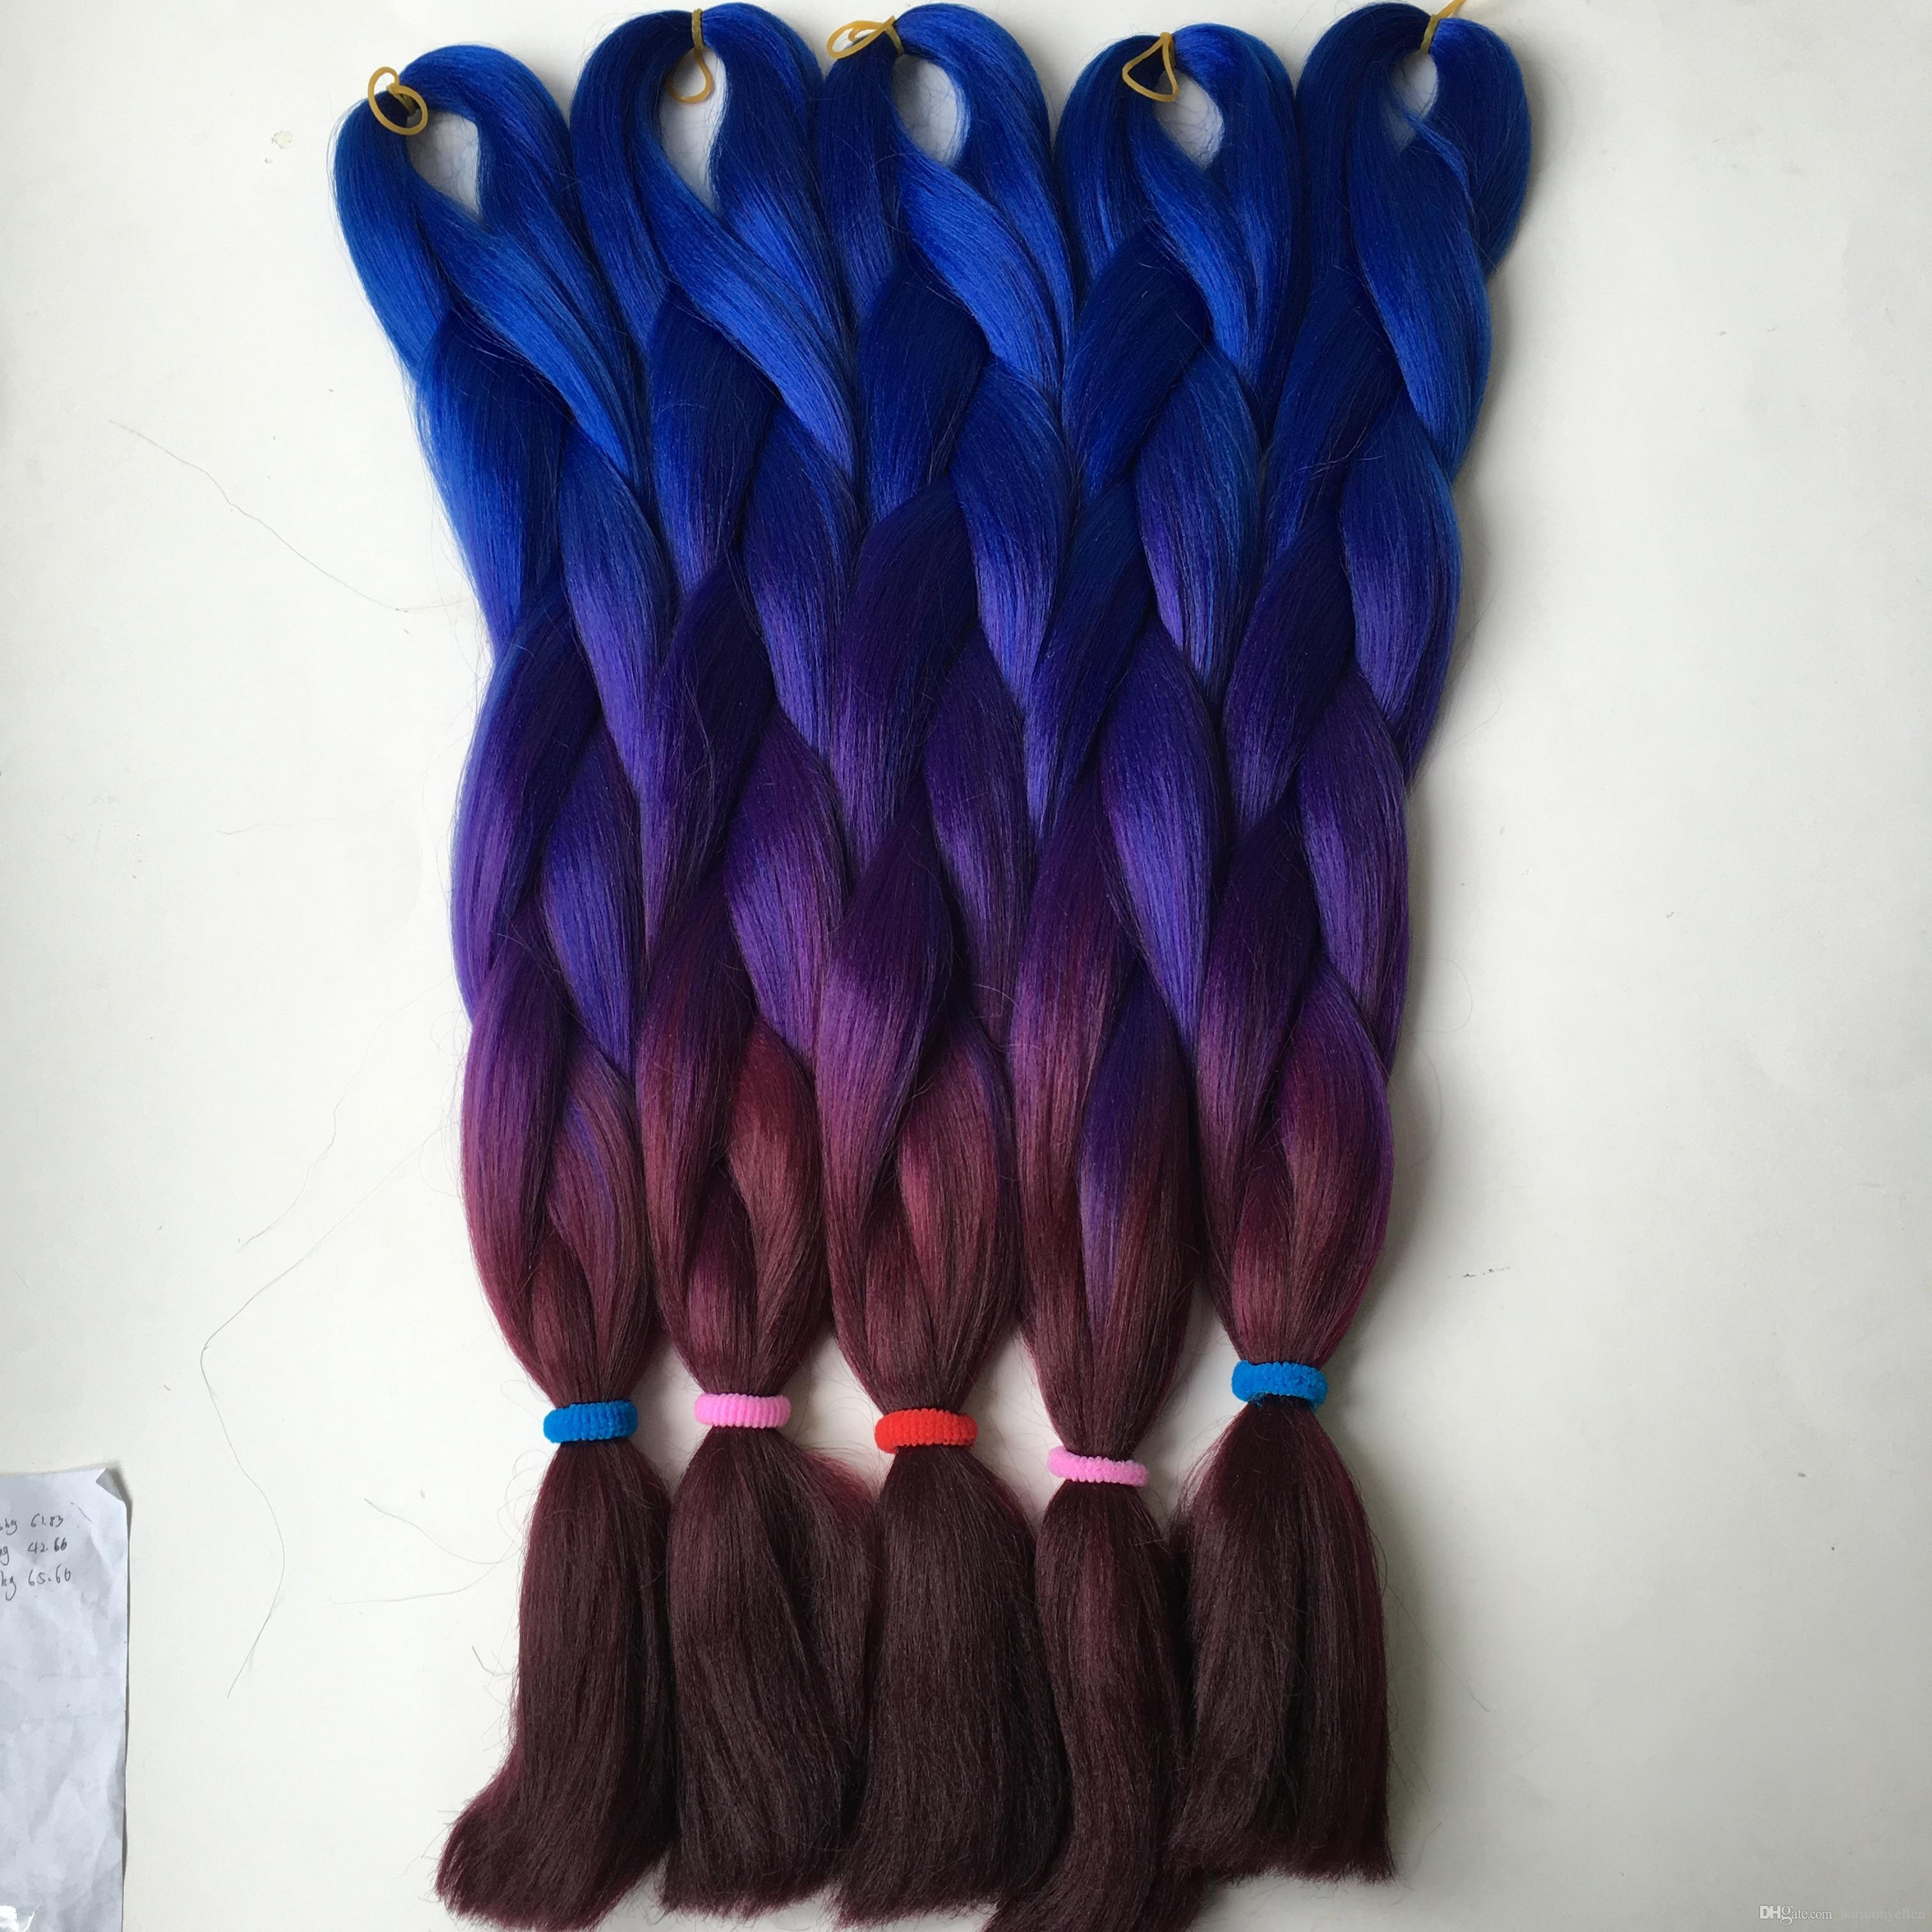 10 개 / 몫 kanekalon 점보 꼬기 머리 다크 블루 퍼플 버 컬러 고온 합성 점보 꼬기 머리 무료 배송